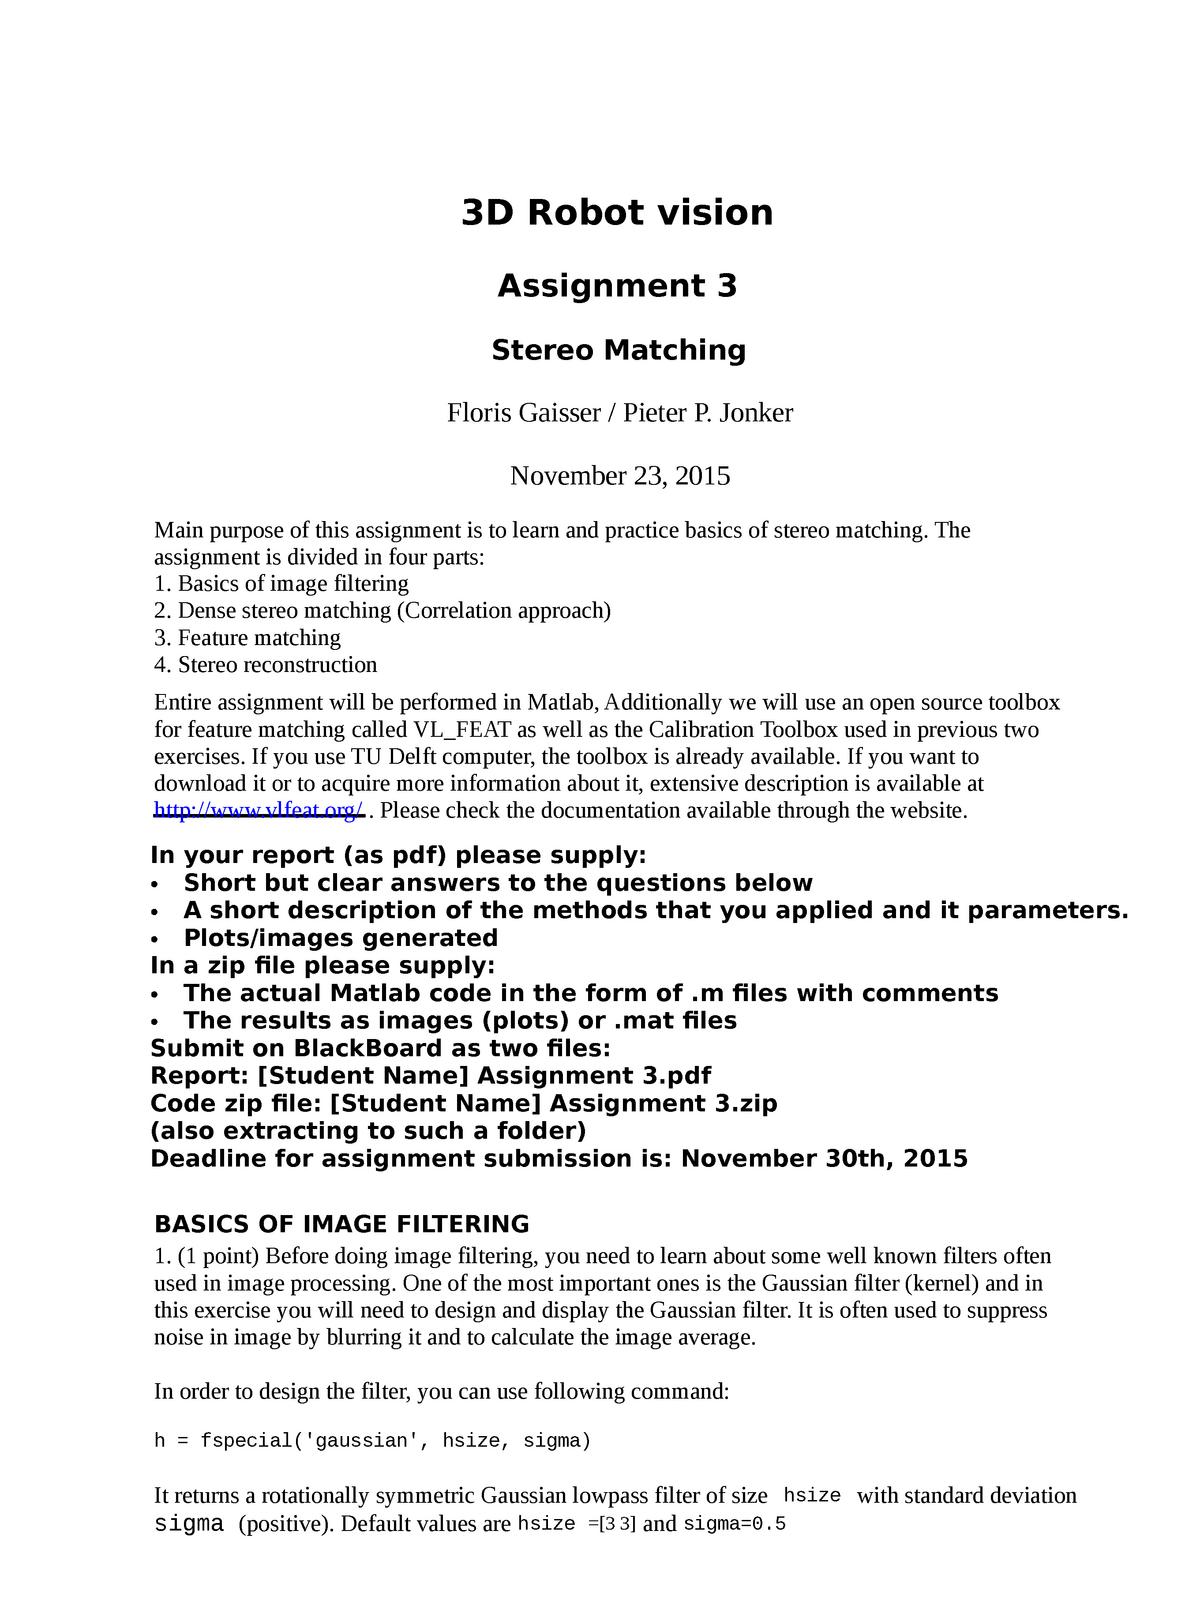 3D Robot Vision Assignment 3 - ME41030: 3D Robot Vision